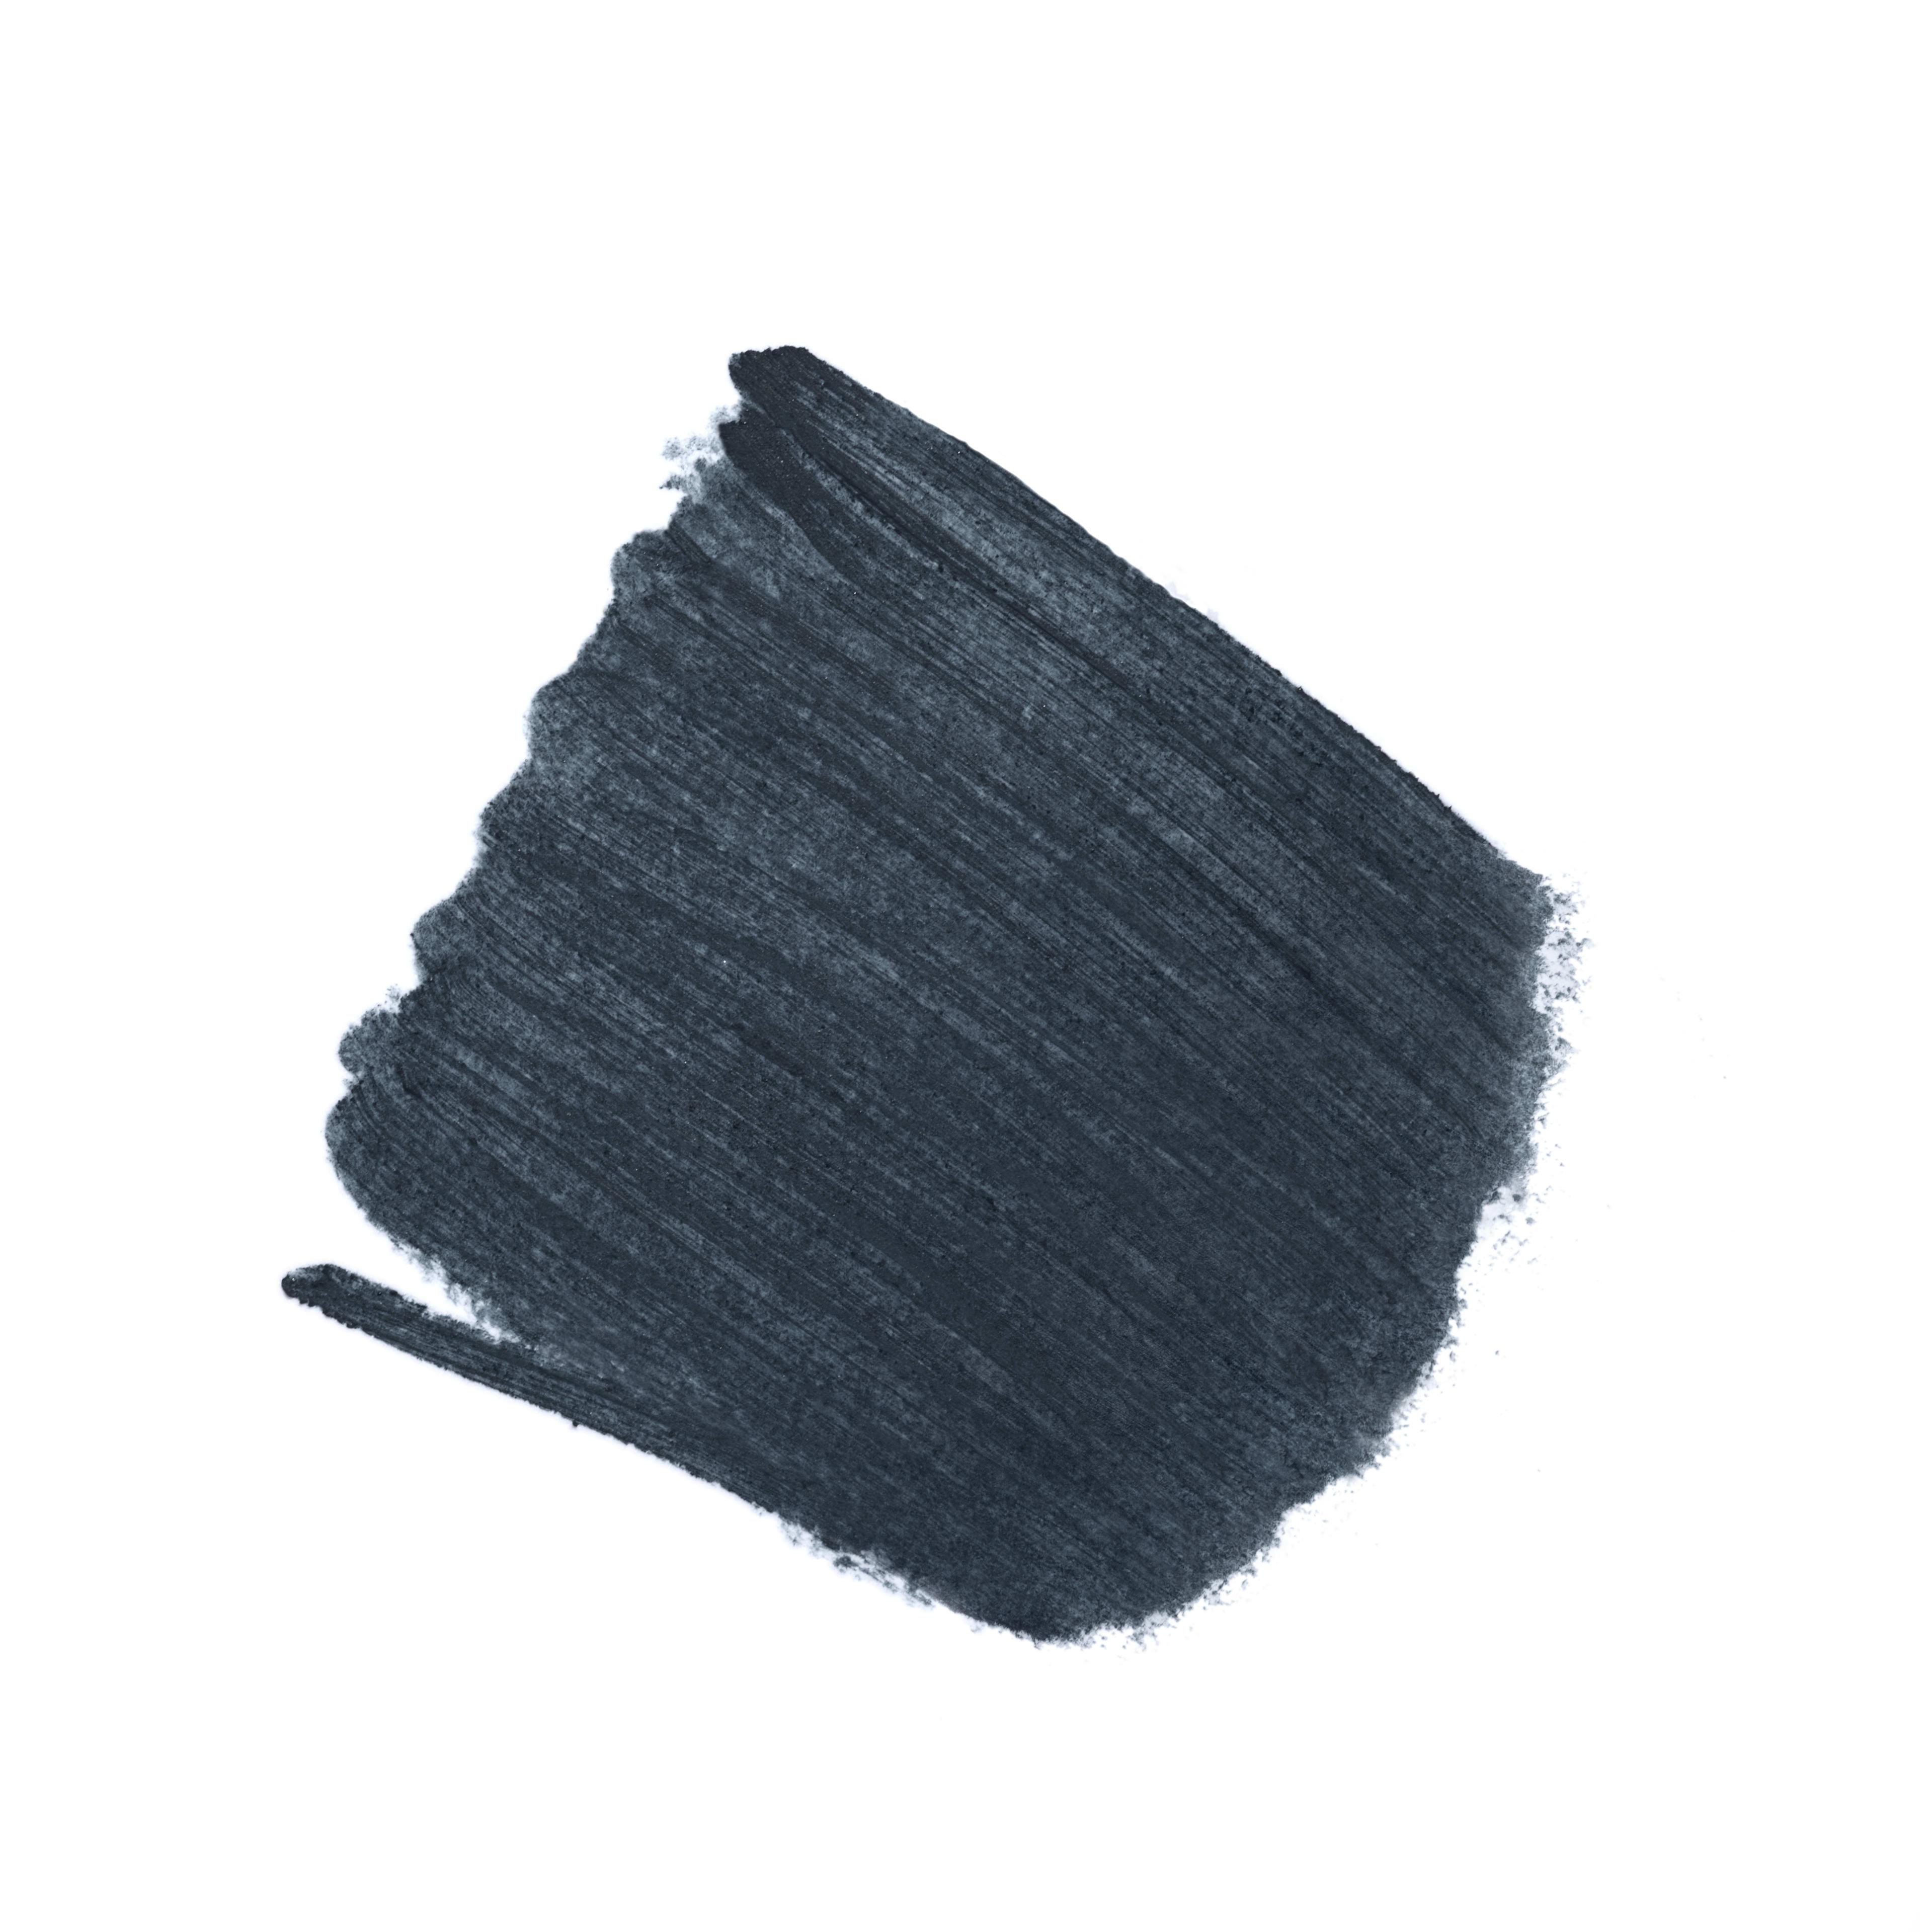 Stylo Ombre et Contour - makeup - 0.02OZ. - Basic texture view